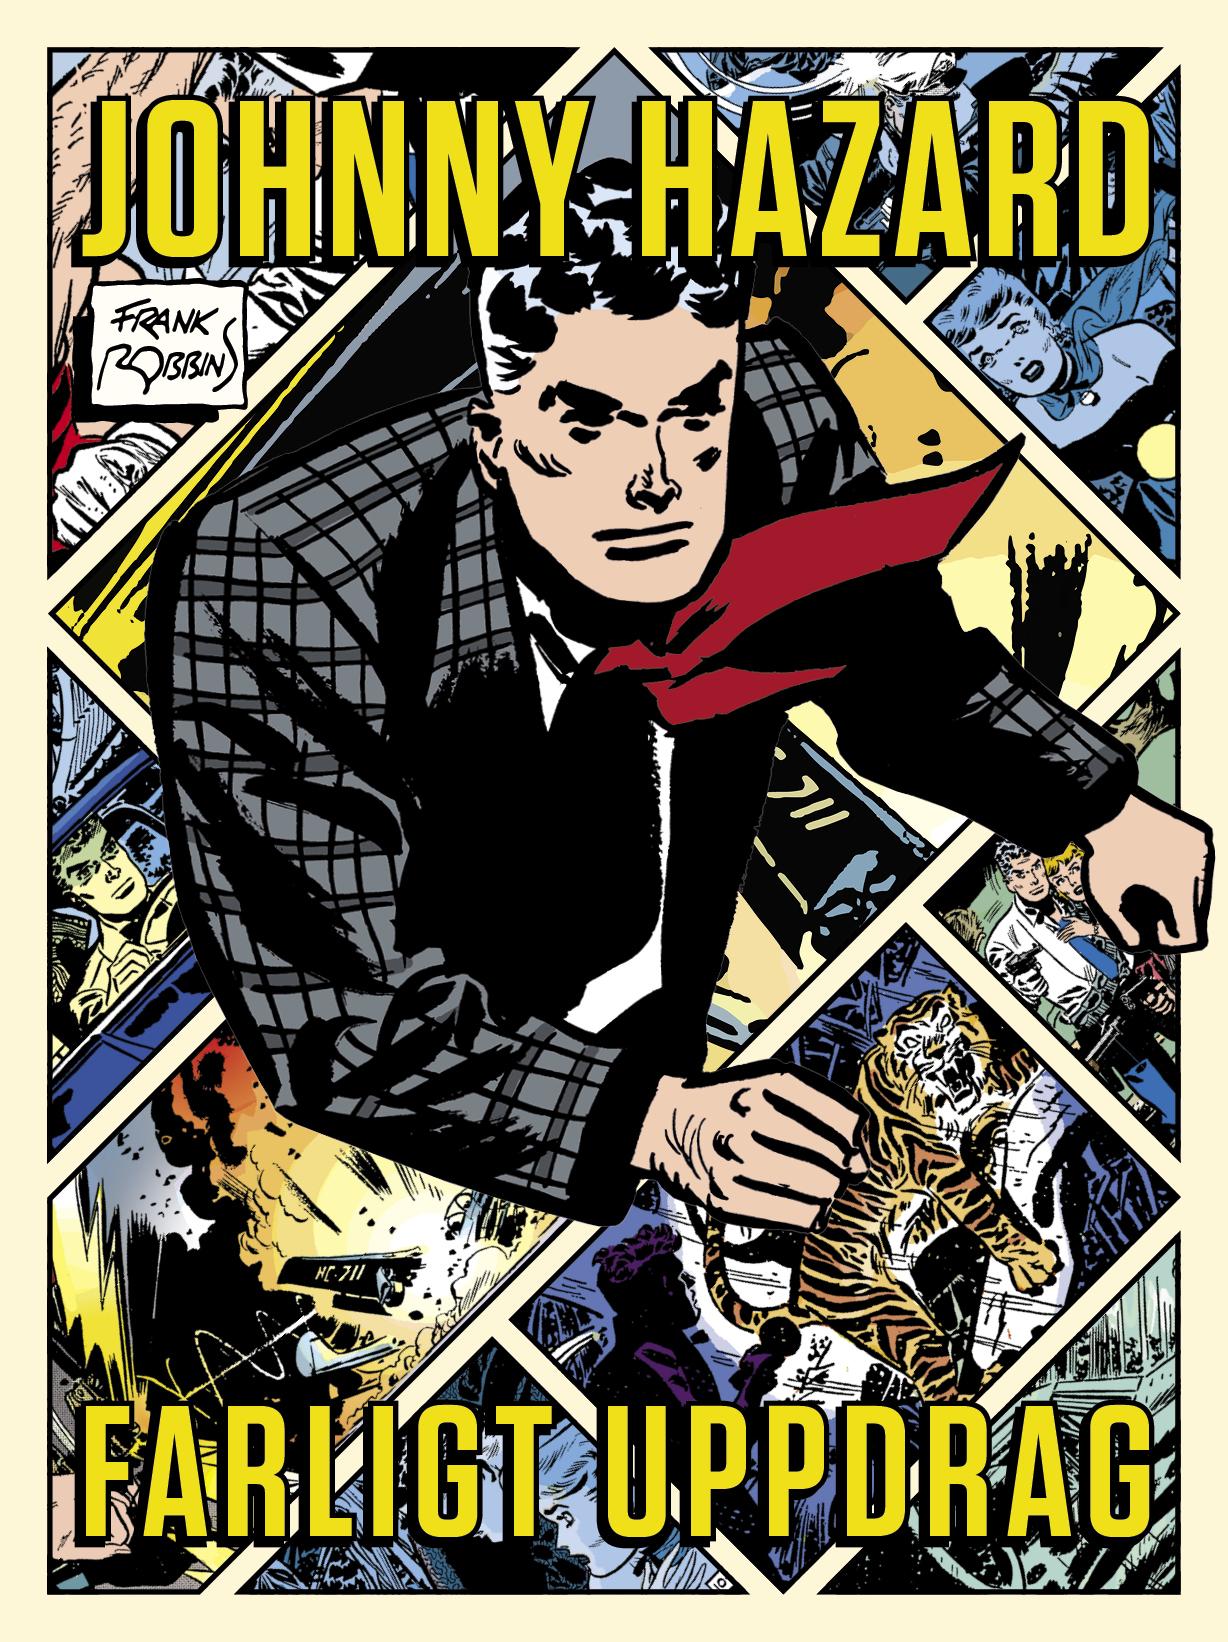 Johnny Hazard – Farligt Uppdrag